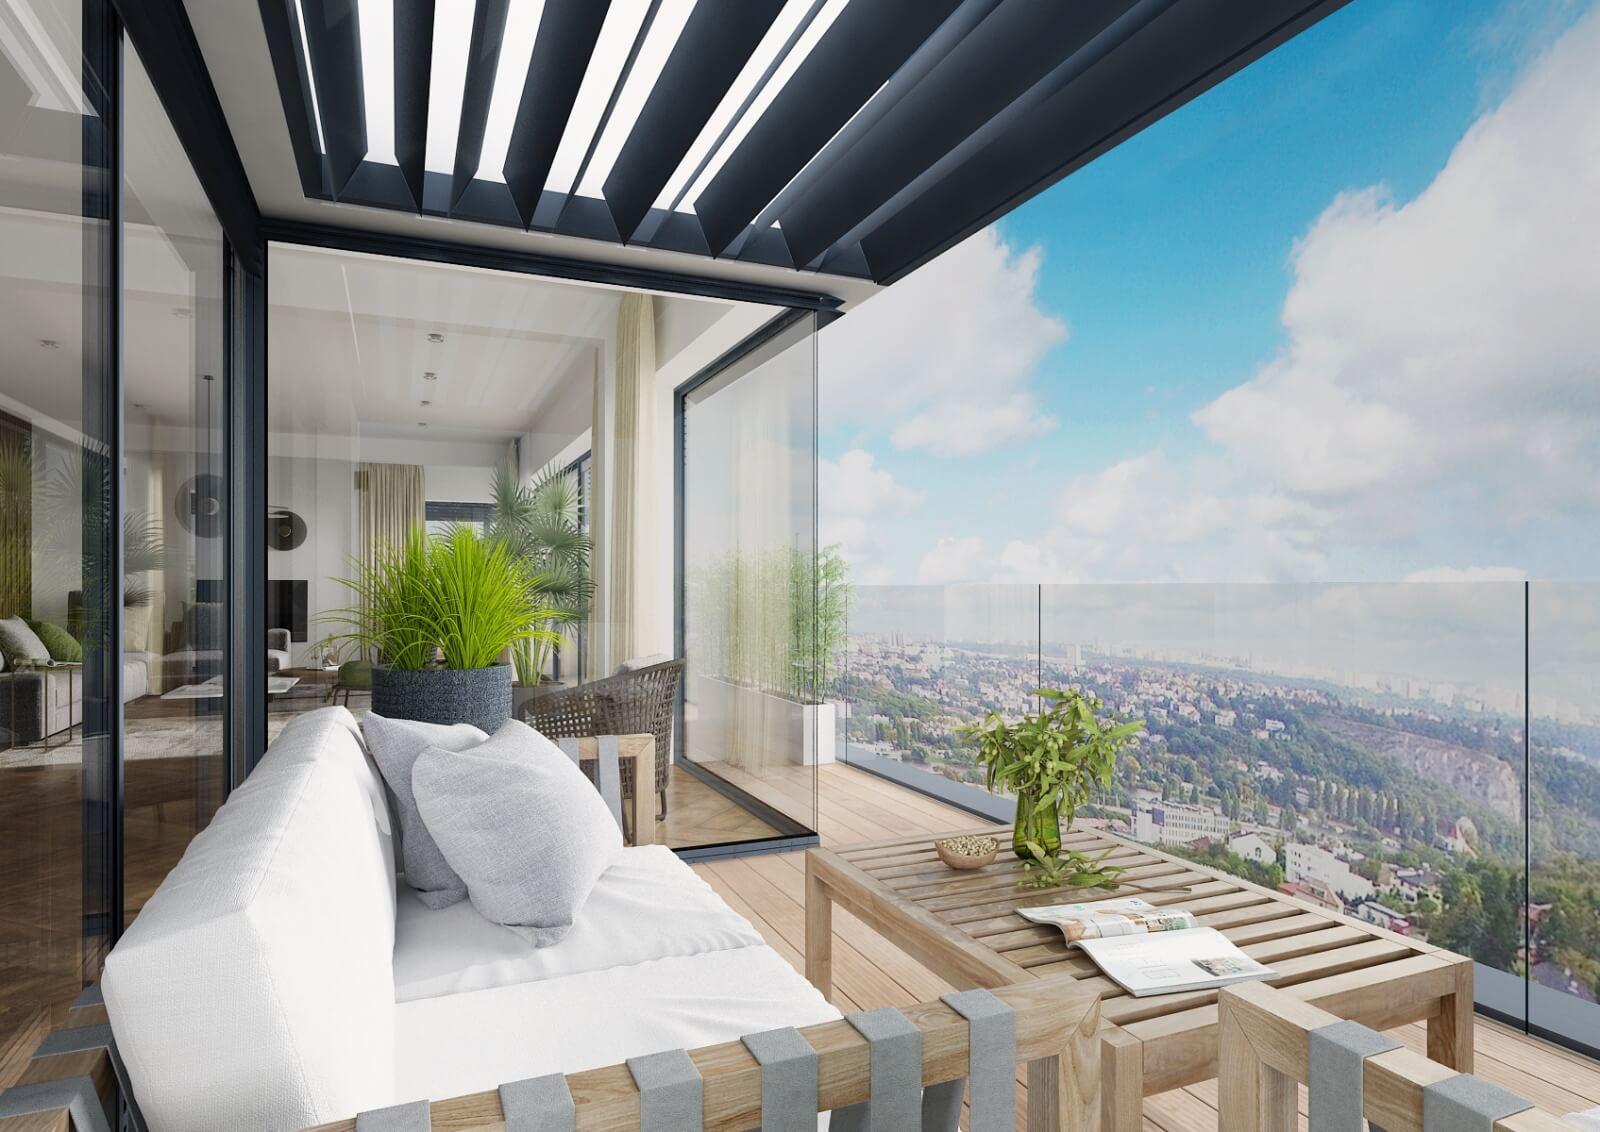 Viladům Děvín - výhled z terasy